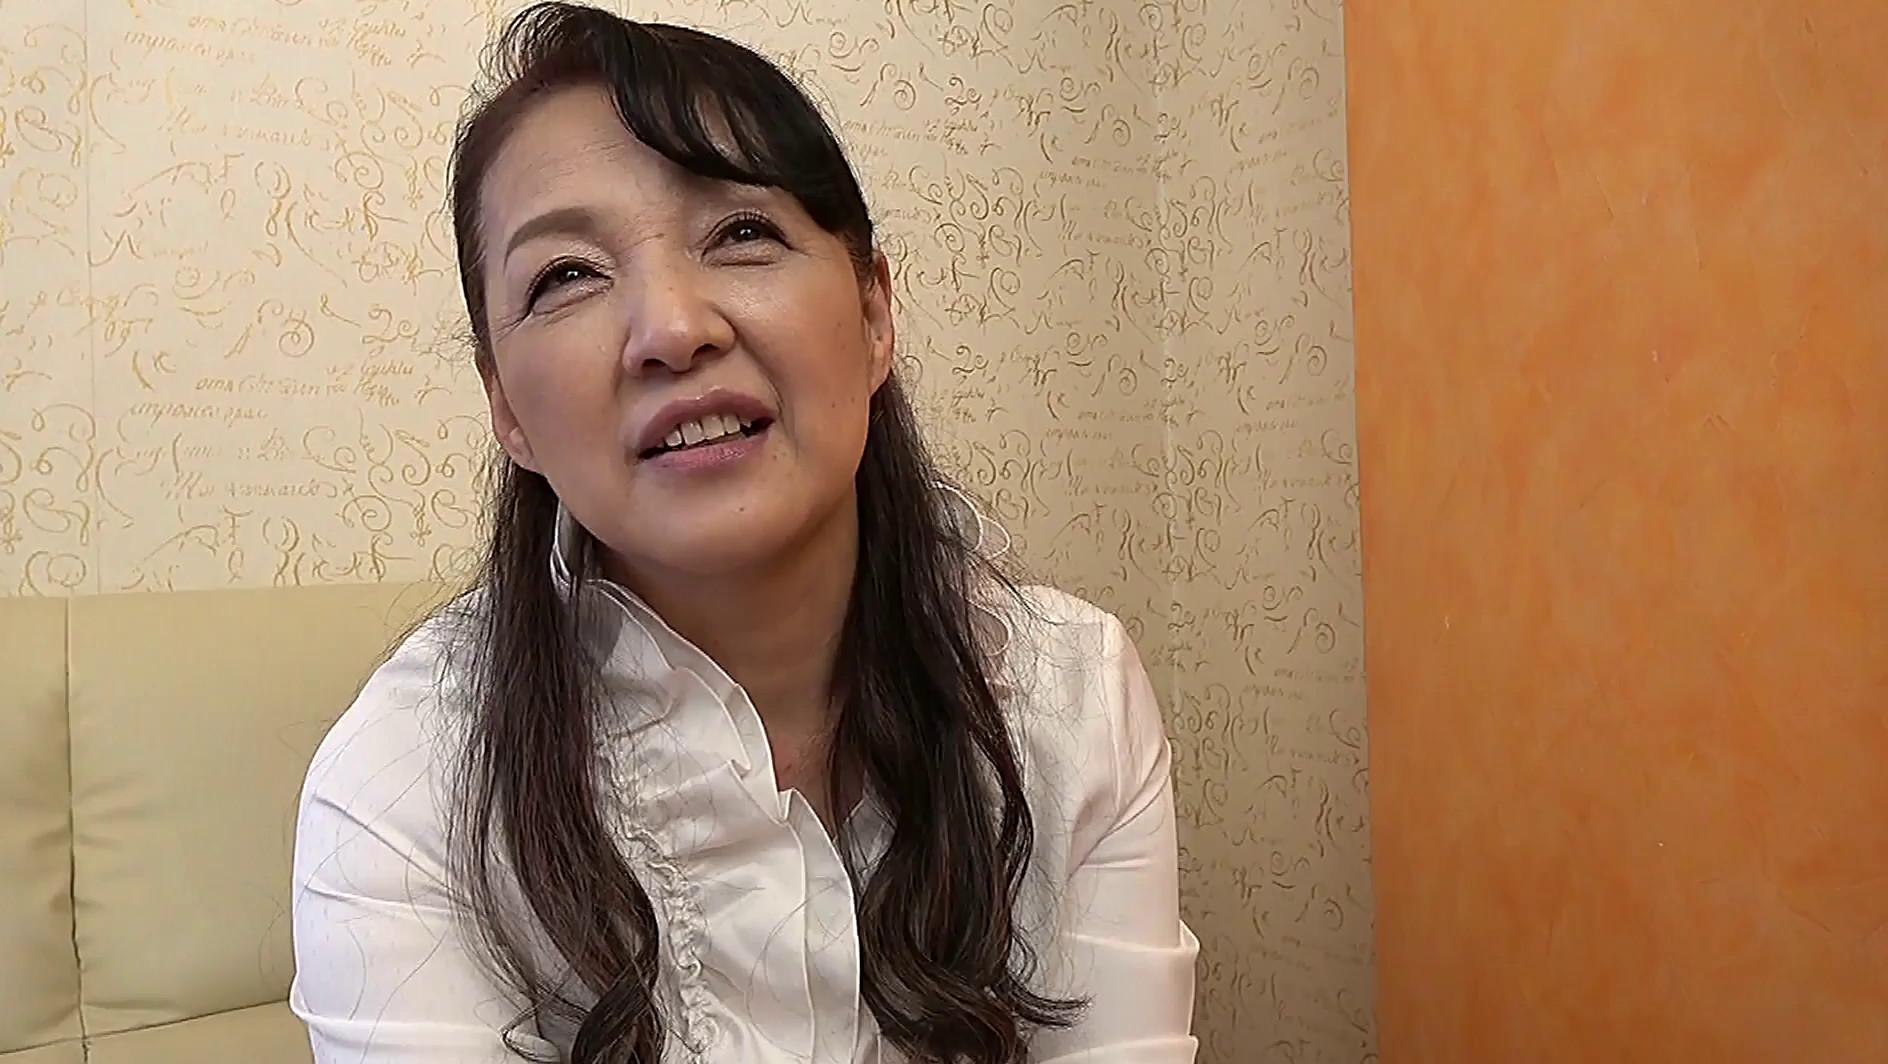 【六十路】応募素人妻 由里子さん 62歳